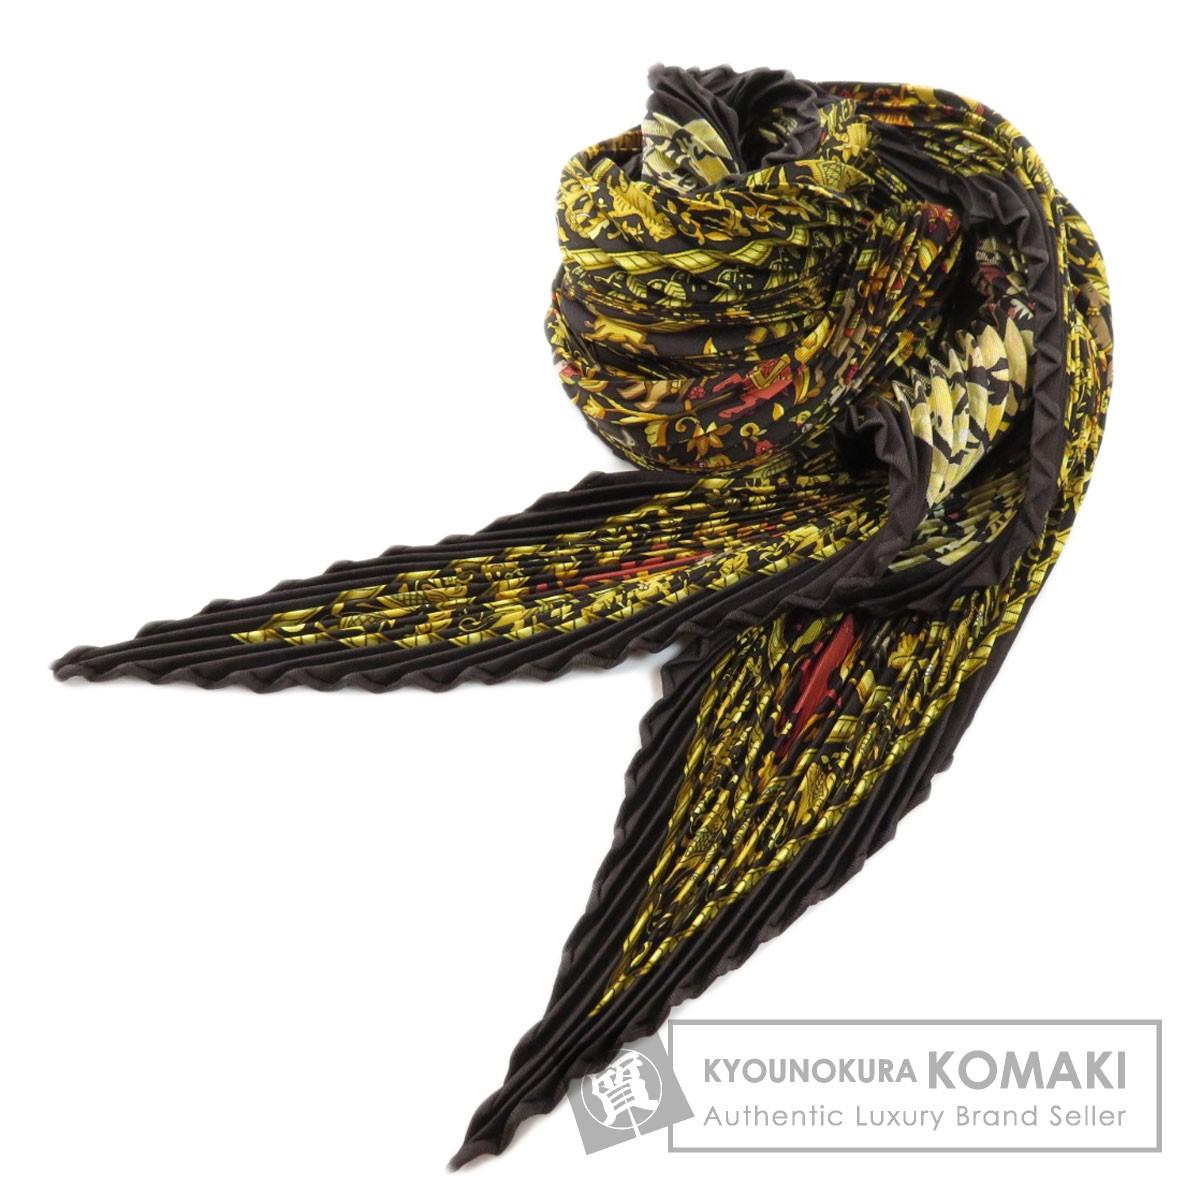 エルメス プリーツスカーフ インドの狩猟 スカーフ シルク レディース 【中古】【HERMES】